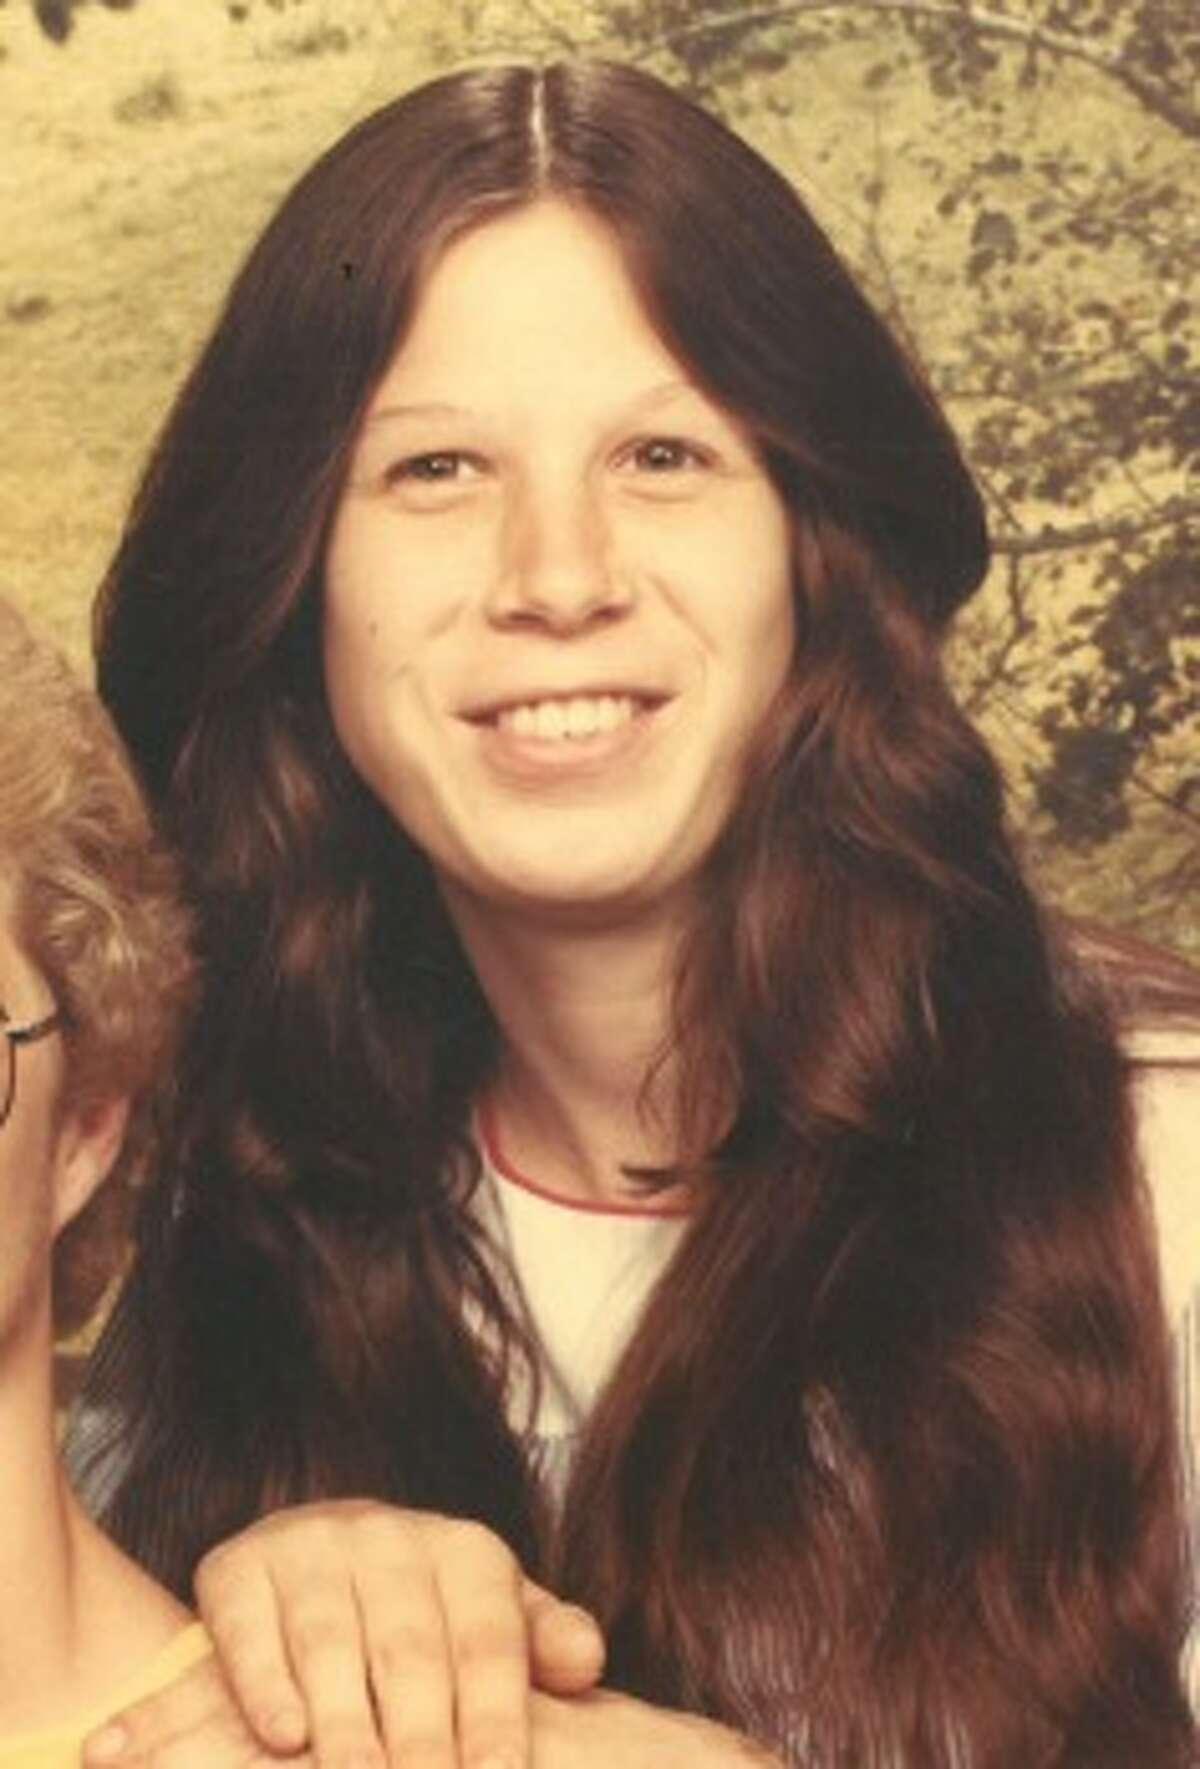 Deborah Koenig, who was killed in mid-June 1987.